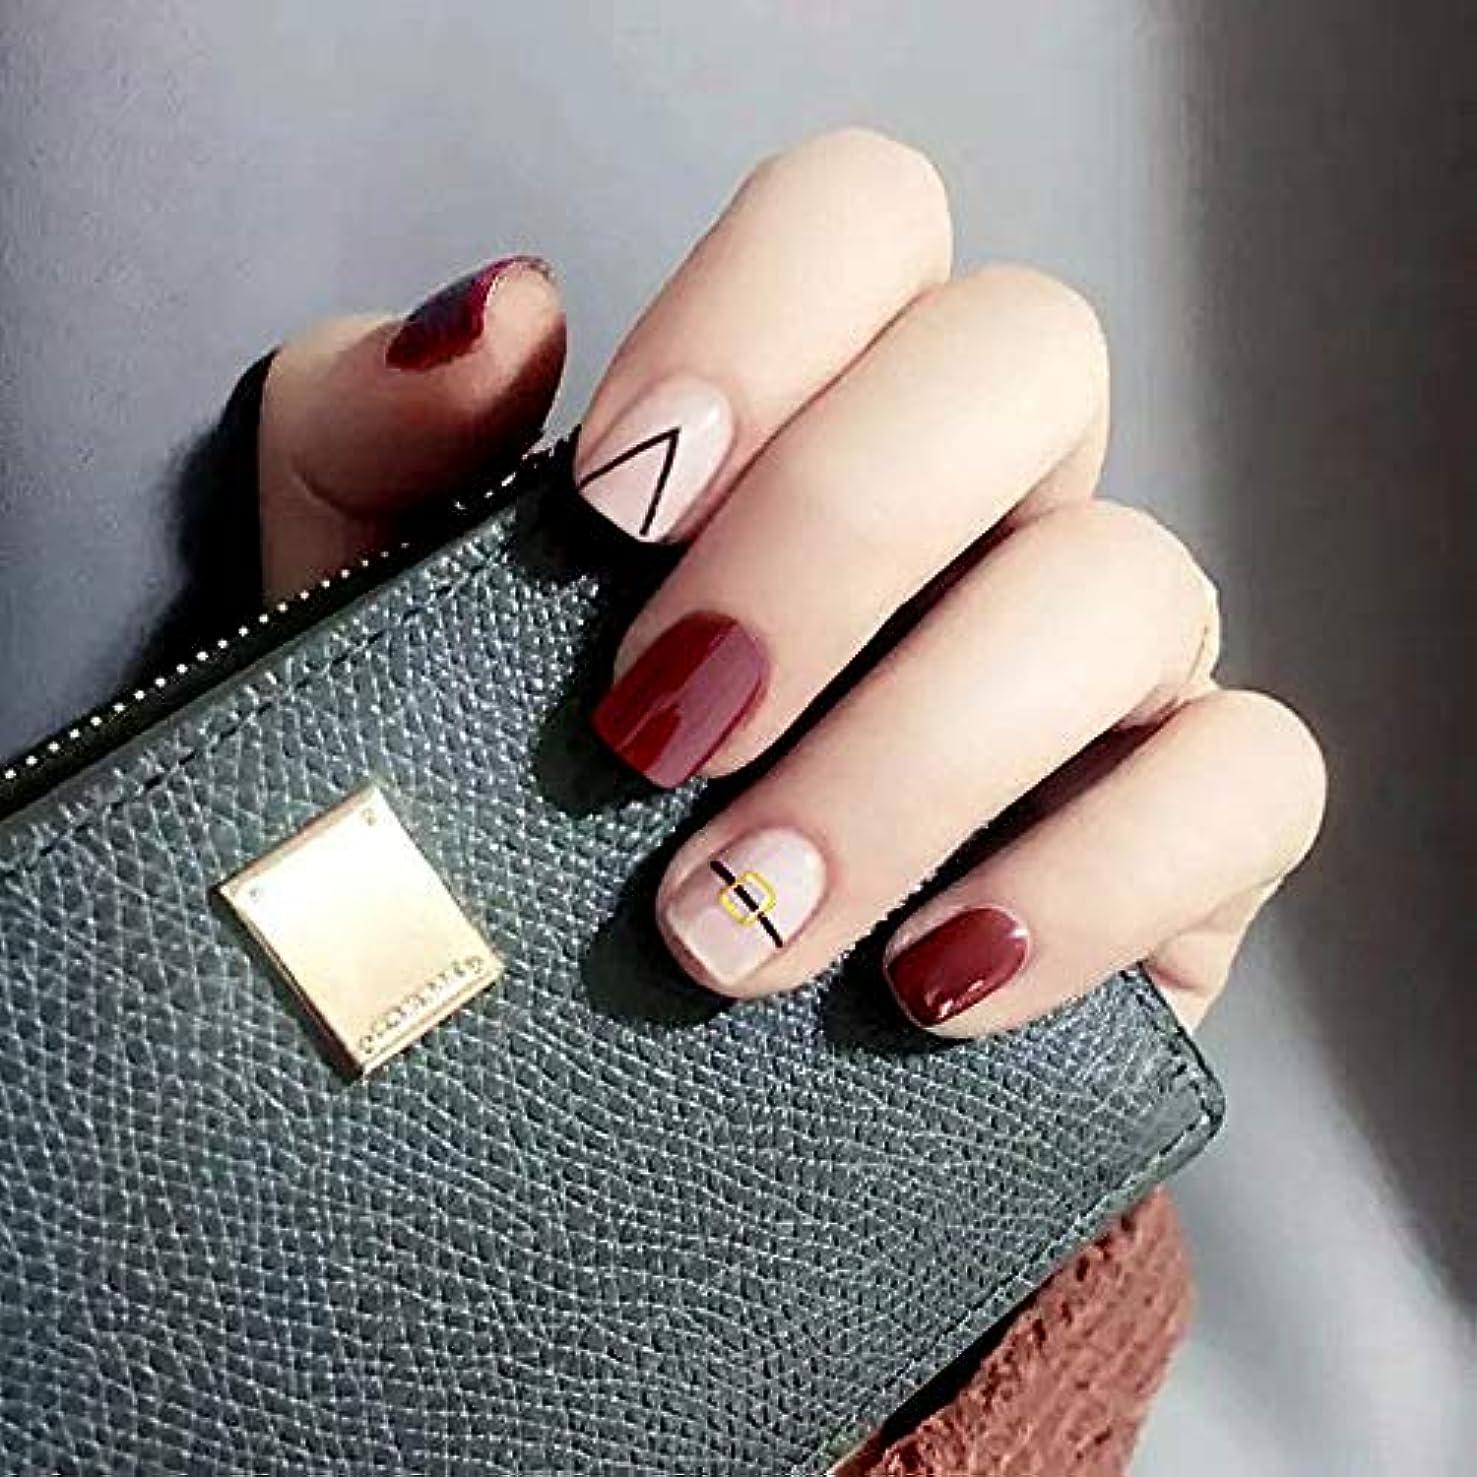 咳サーキュレーションテクスチャーXUTXZKA 24個のパターン偽の爪短い楕円形のワインレッド仕上げネイルチップ